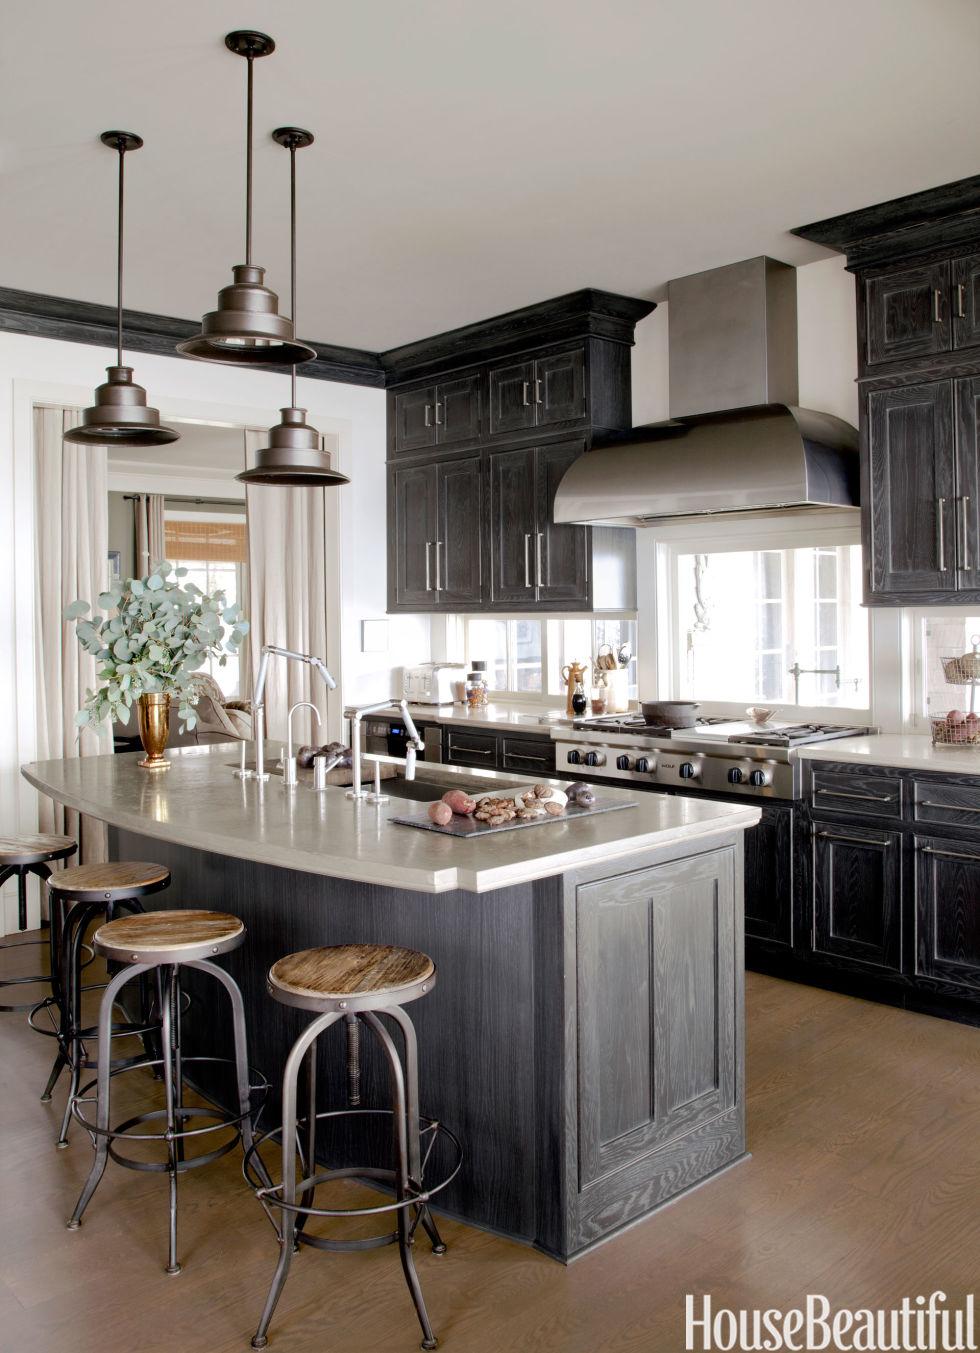 Designer Kitchens 2013 best kitchens of 2013 - best kitchen designs 2013